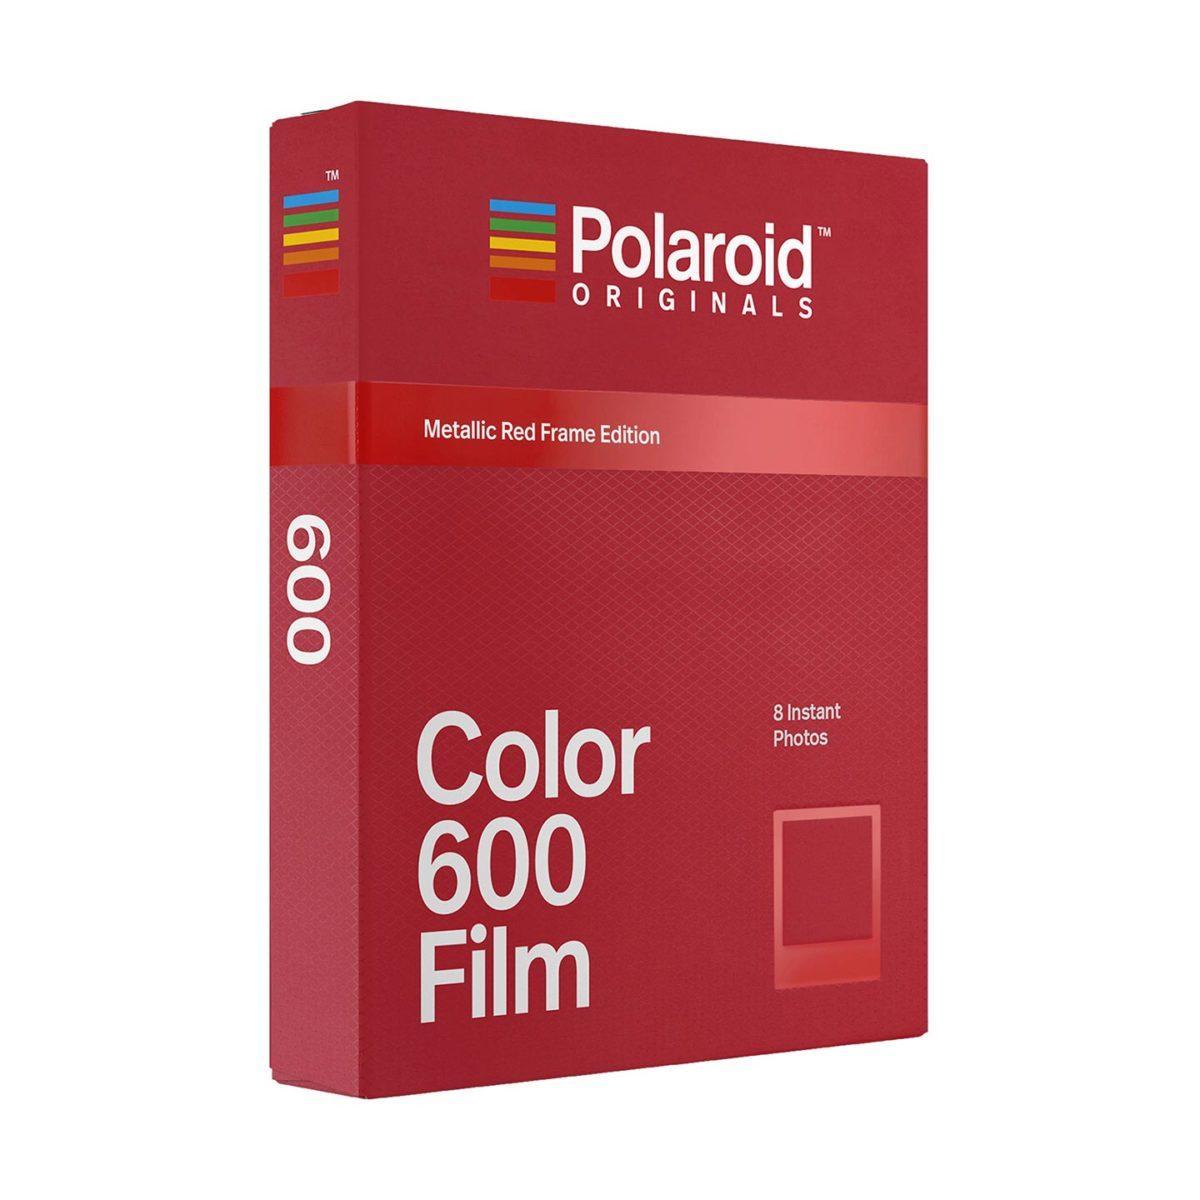 polaroid_600_color_film_metallic_red_01